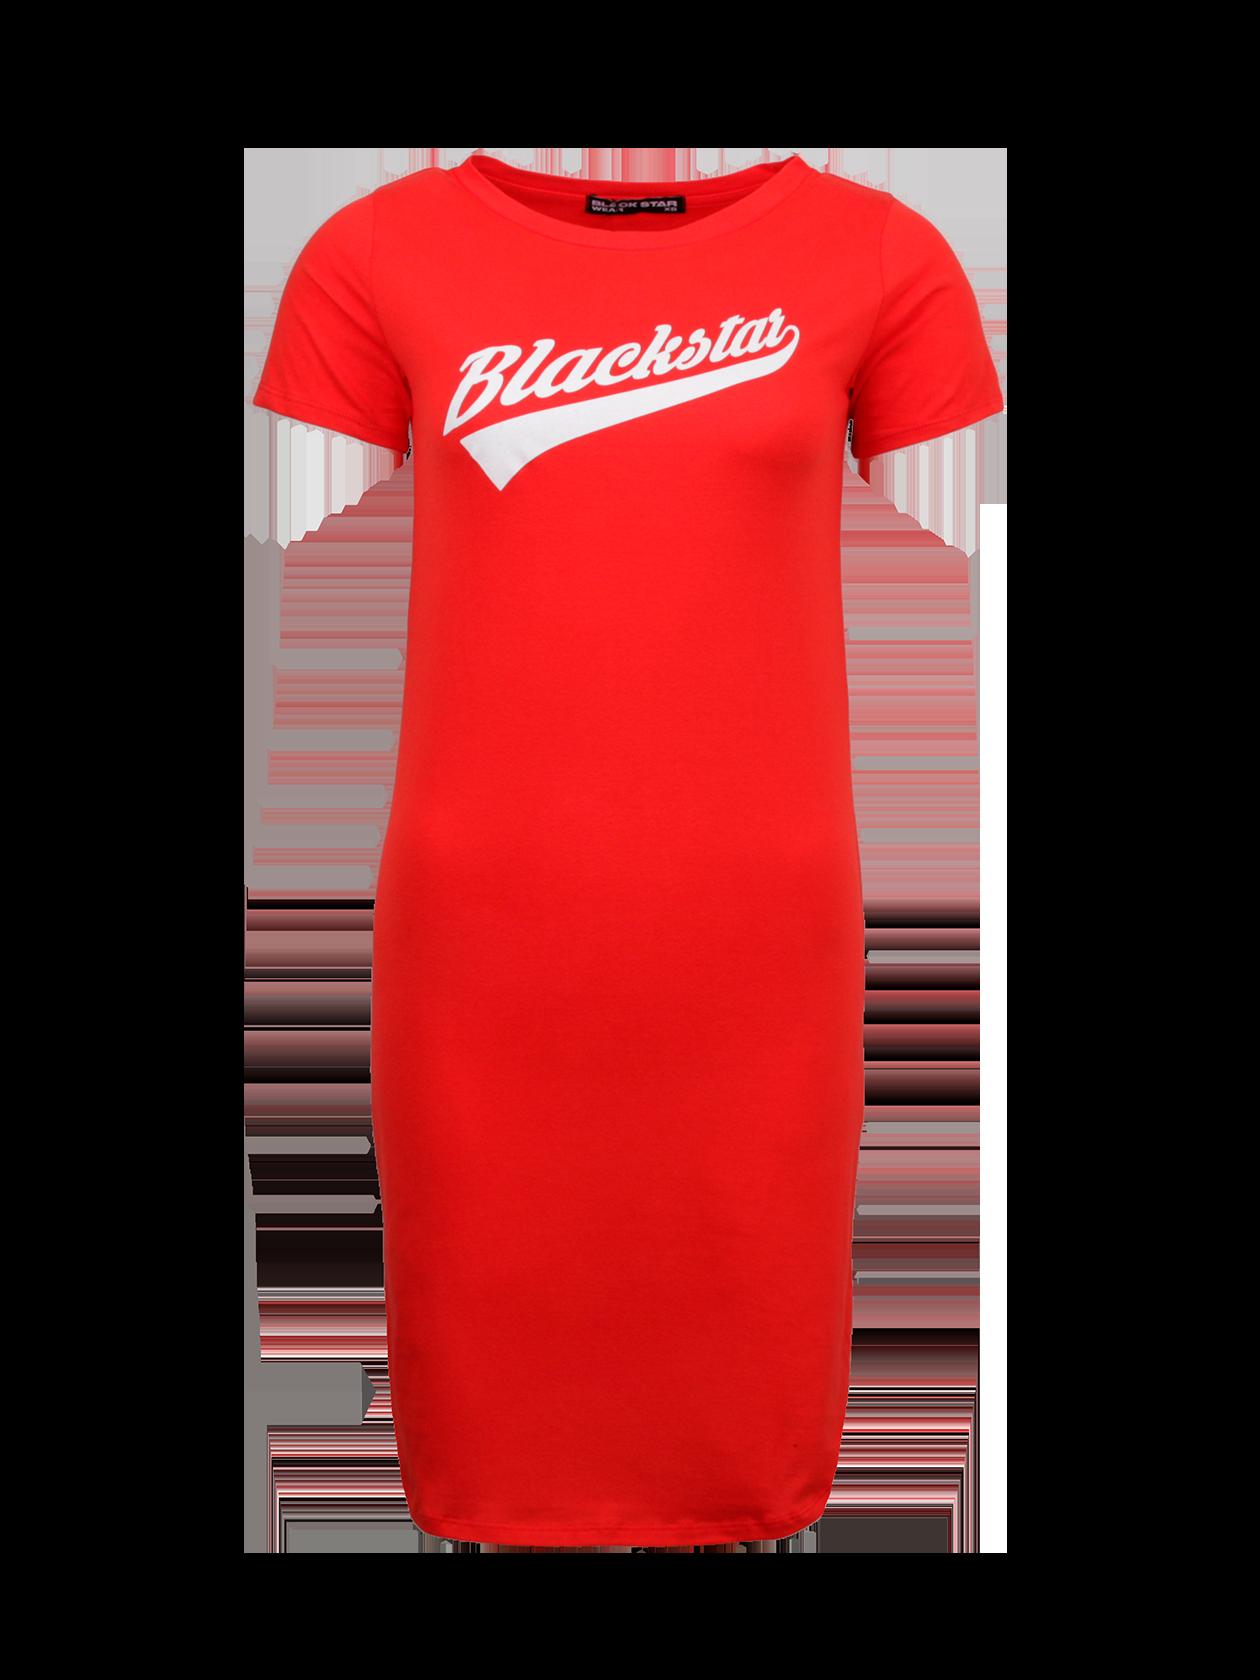 Платье женское ONLY BLACK STARПлатье женское Only Black Star – яркое дополнение повседневного лука. Модель эффектной красной расцветки поможет выделиться из толпы. Прямой полусвободный крой, длина до колена. Горловина выполнена в форме лодочки, дополнена черной нашивкой с логотипом бренда BSW на изнаночной стороне. На груди стильная надпись белыми буквами Black Star. Благодаря натуральному хлопку премиального качества обеспечивается максимальный комфорт каждого движения.<br><br>Размер: M<br>Цвет: Красный<br>Пол: Женский